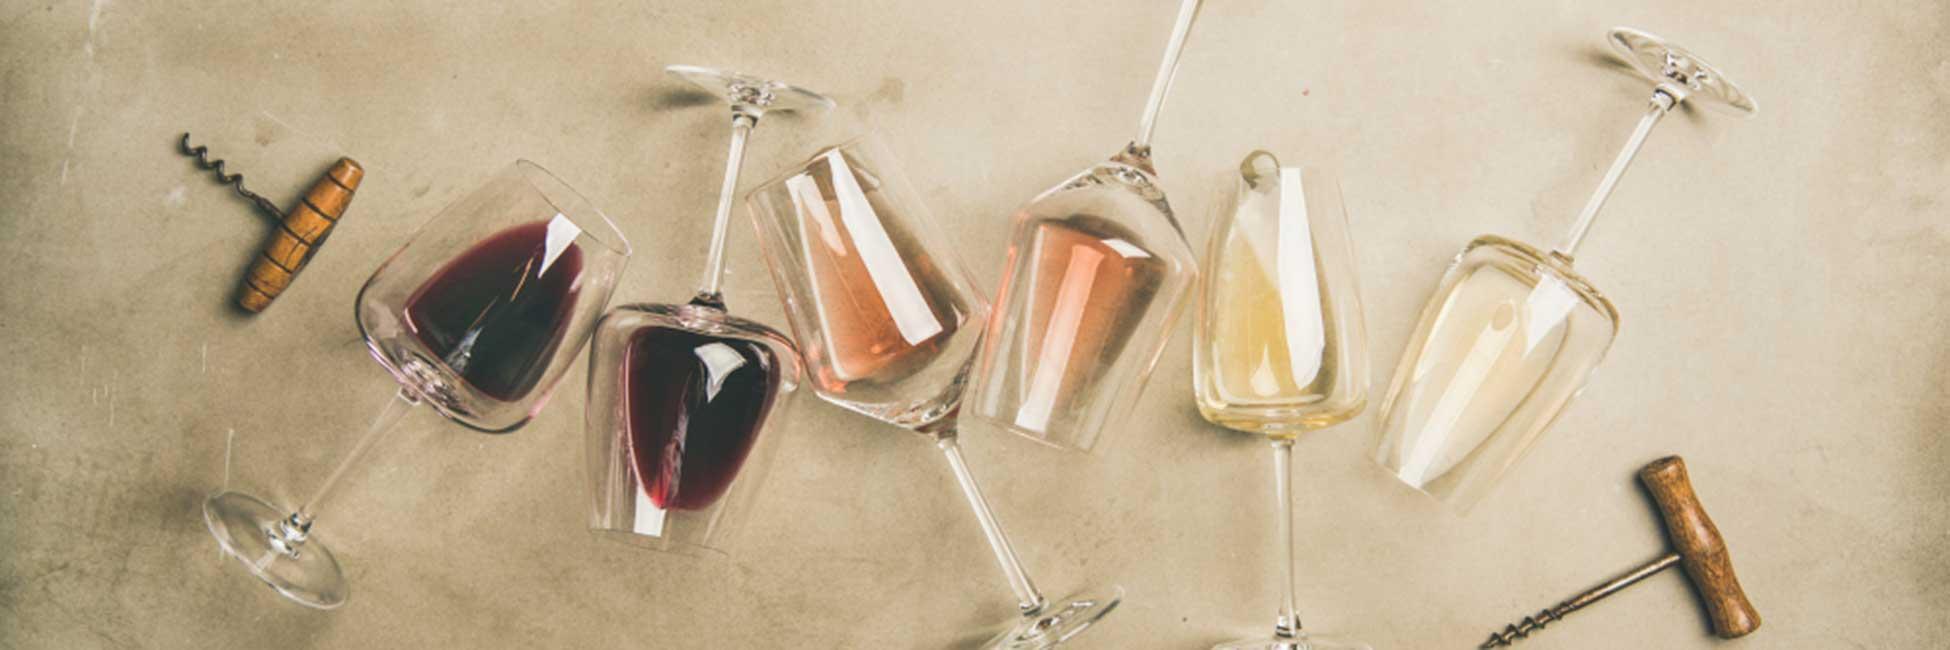 Weingläser mit verschiedenen Weinen.